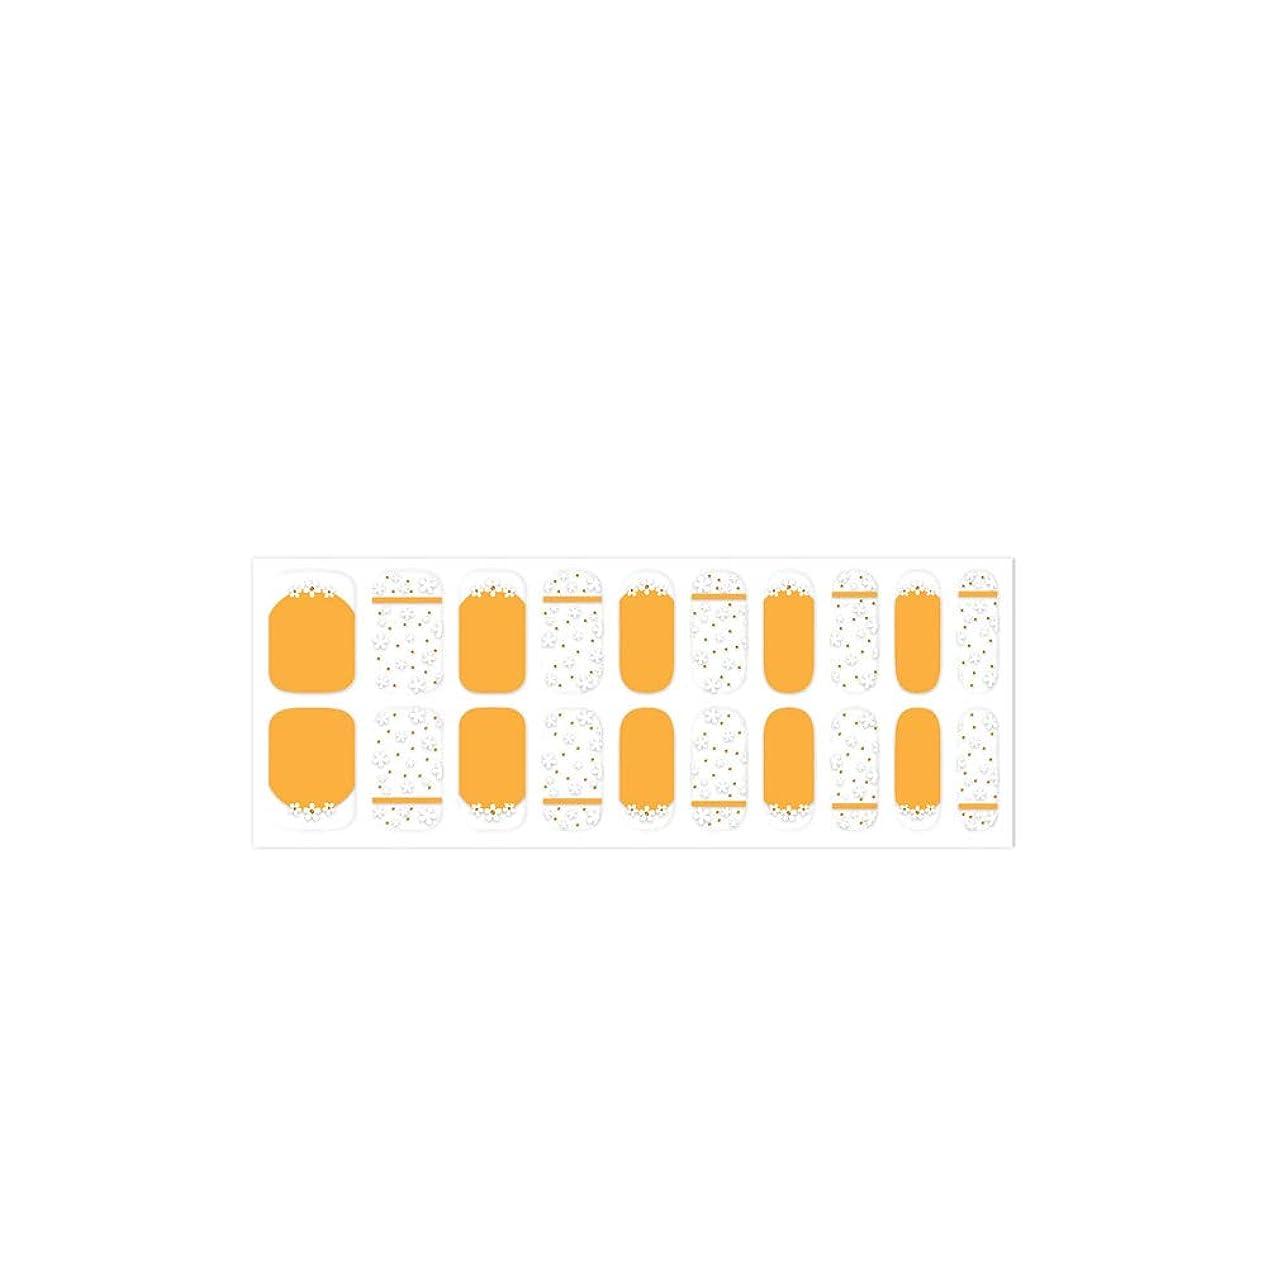 目覚める保護する定常爪に貼るだけで華やかになるネイルシート! 簡単セルフネイル ジェルネイル 20pcs ネイルシール ジェルネイルシール デコネイルシール VAVACOCO ペディキュア ハーフ かわいい 韓国 シンプル フルカバー ネイルパーツ シール フラワー クリア ラインテープ ツートン おしゃれ (baby flower(オレンジ))